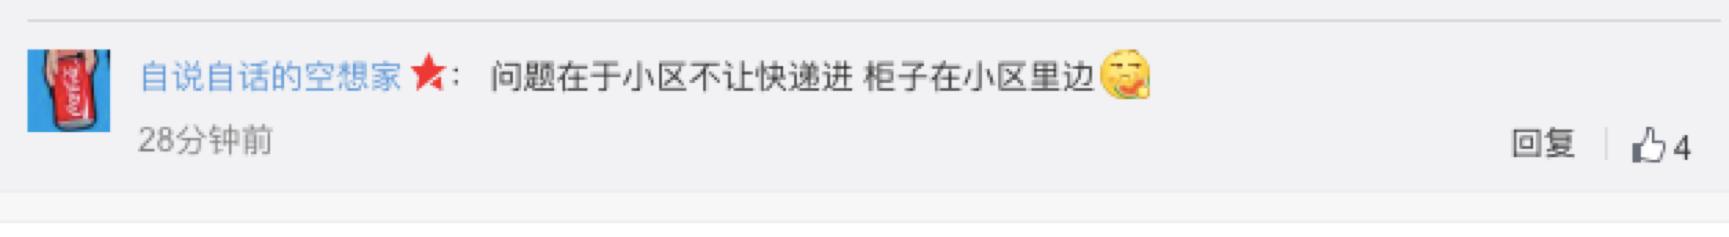 丰巢支持快餐入快递柜:初心虽好,卫生堪忧